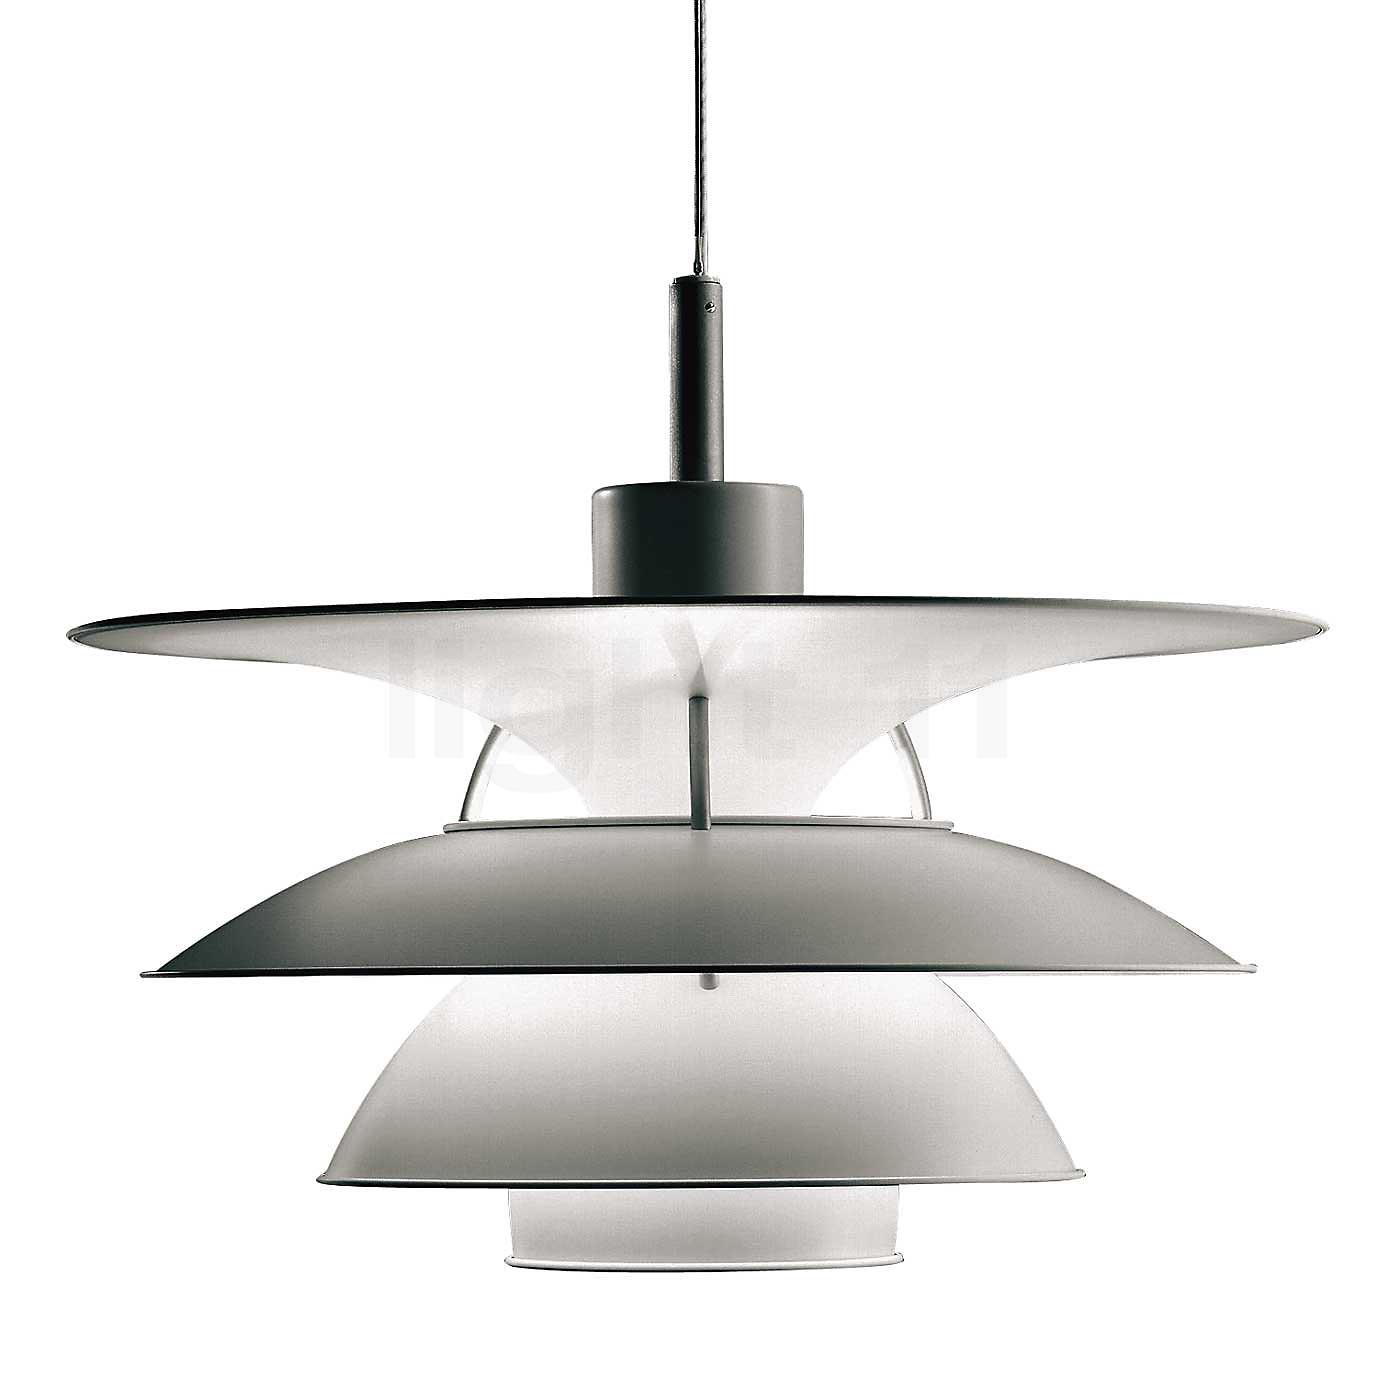 poulsen ph 5 4 suspension lampe de table en vente sur. Black Bedroom Furniture Sets. Home Design Ideas